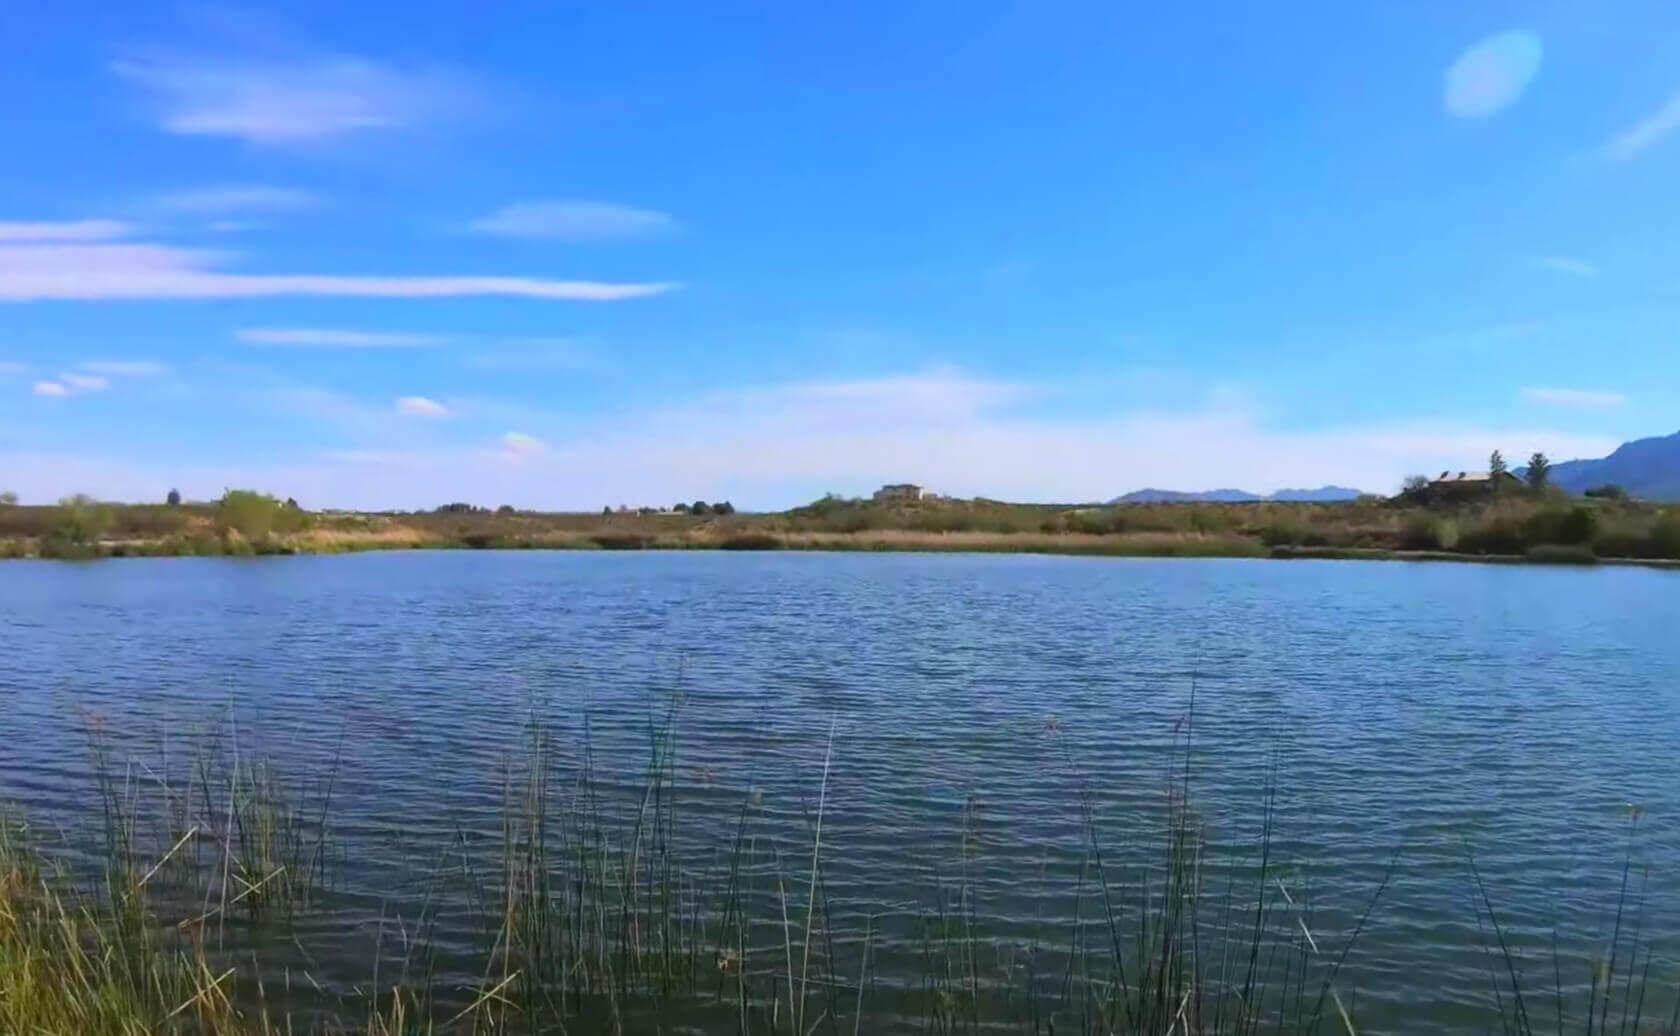 Dankworth-Pond-Lake-Fishing-Guide-Report-Safford-AZ-02